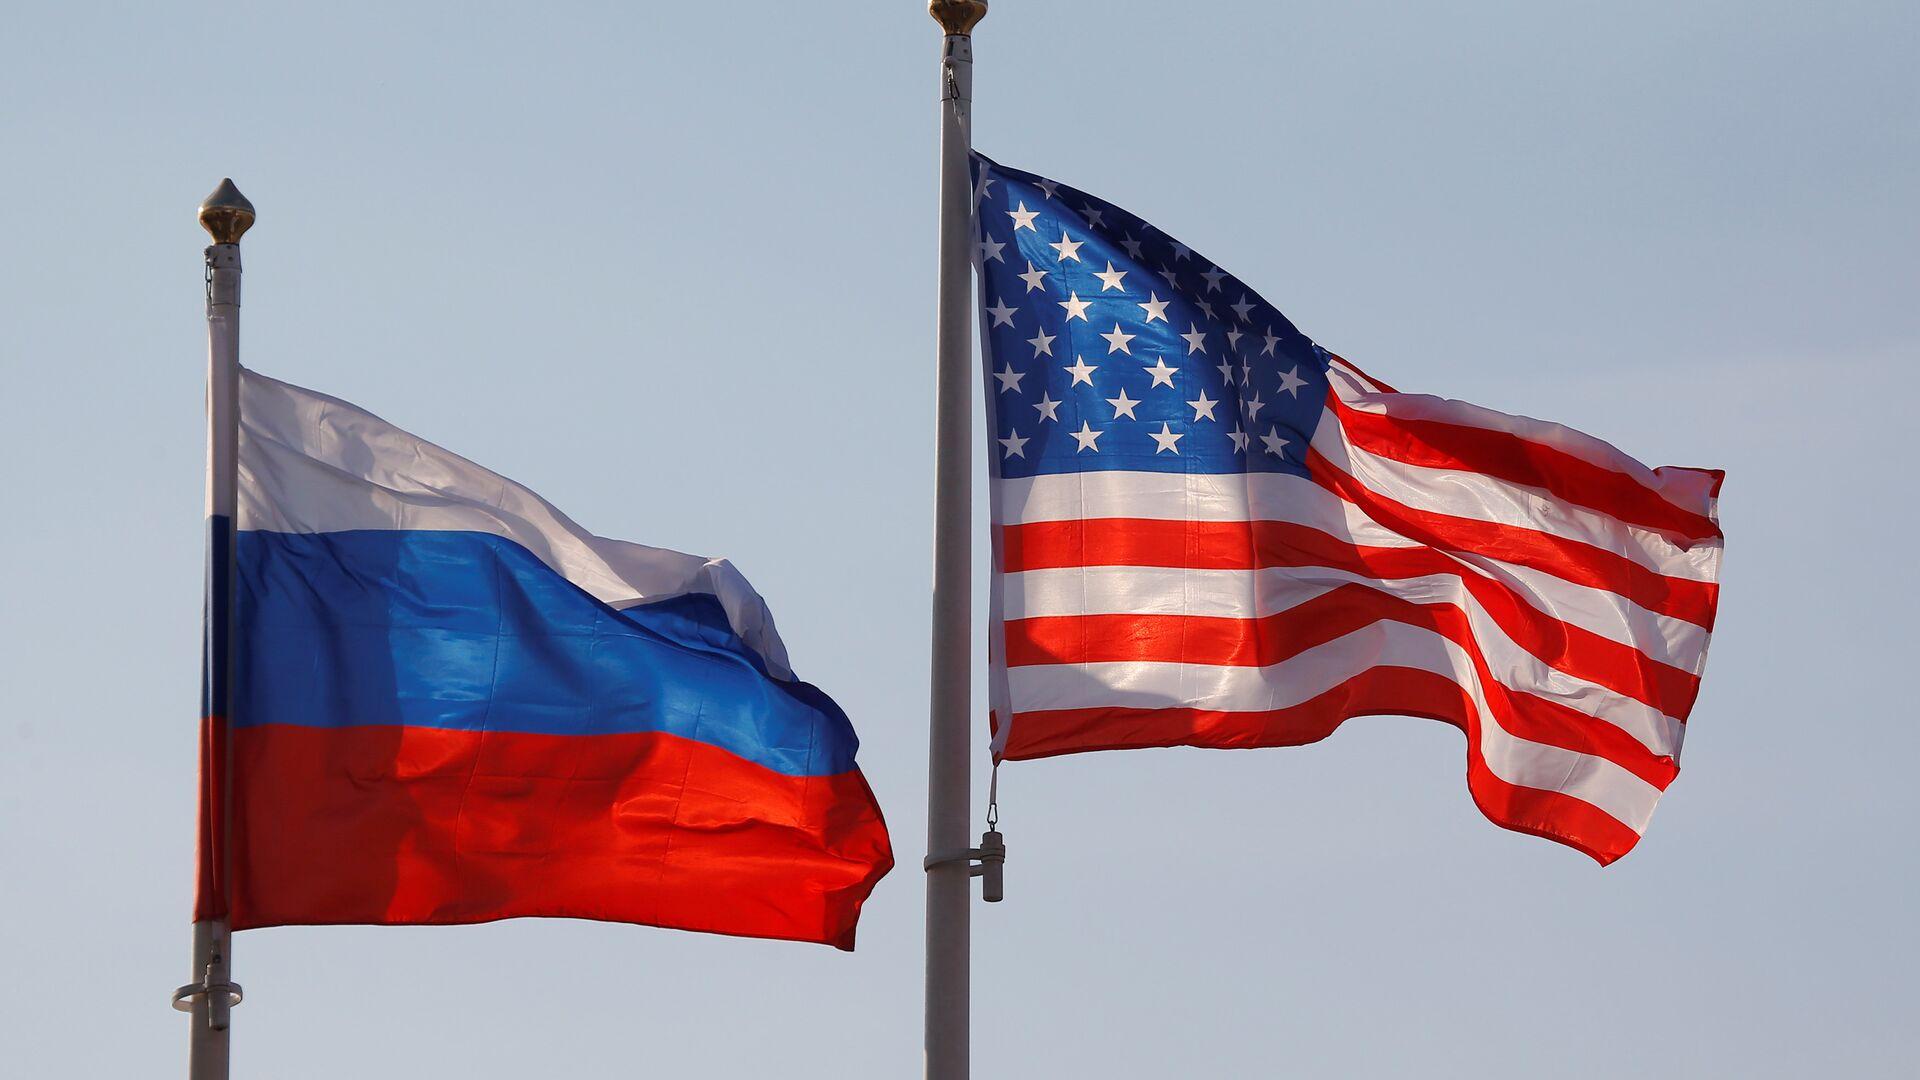 Banderas de Rusia y EEUU - Sputnik Mundo, 1920, 19.04.2021